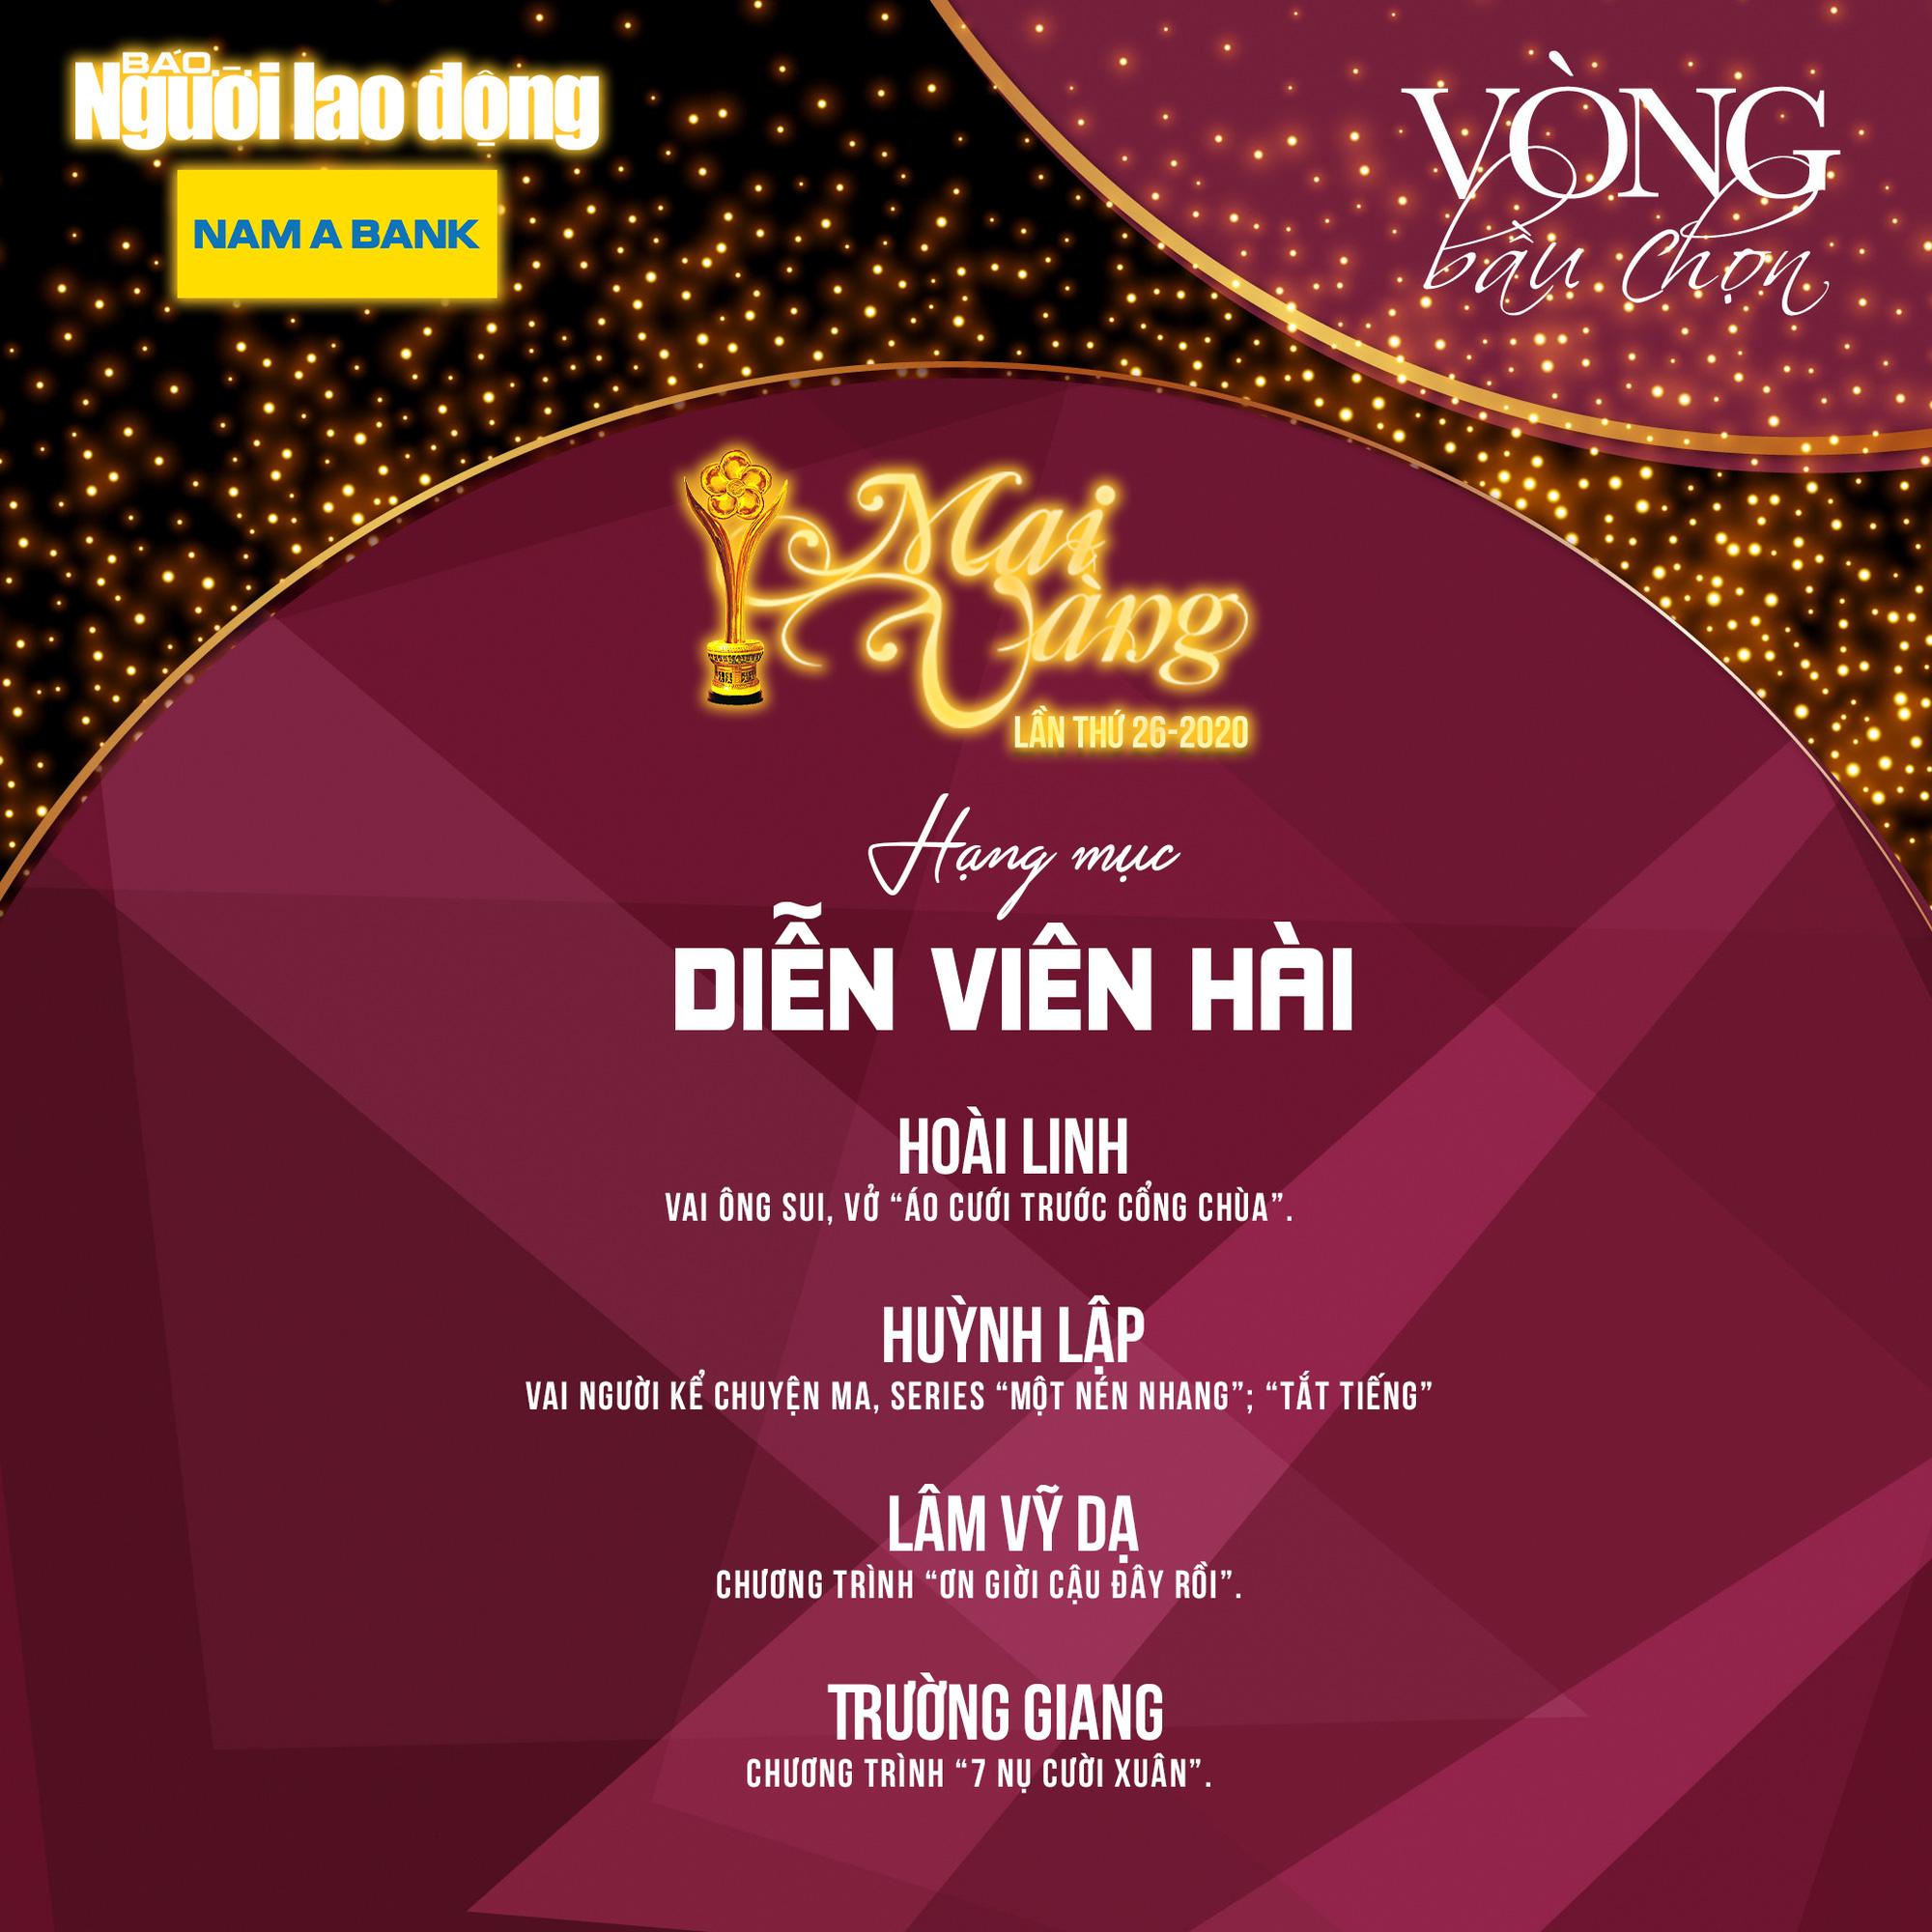 [eMagazine] NSƯT Hoài Linh: Biểu tượng của làng hài Việt - Ảnh 10.